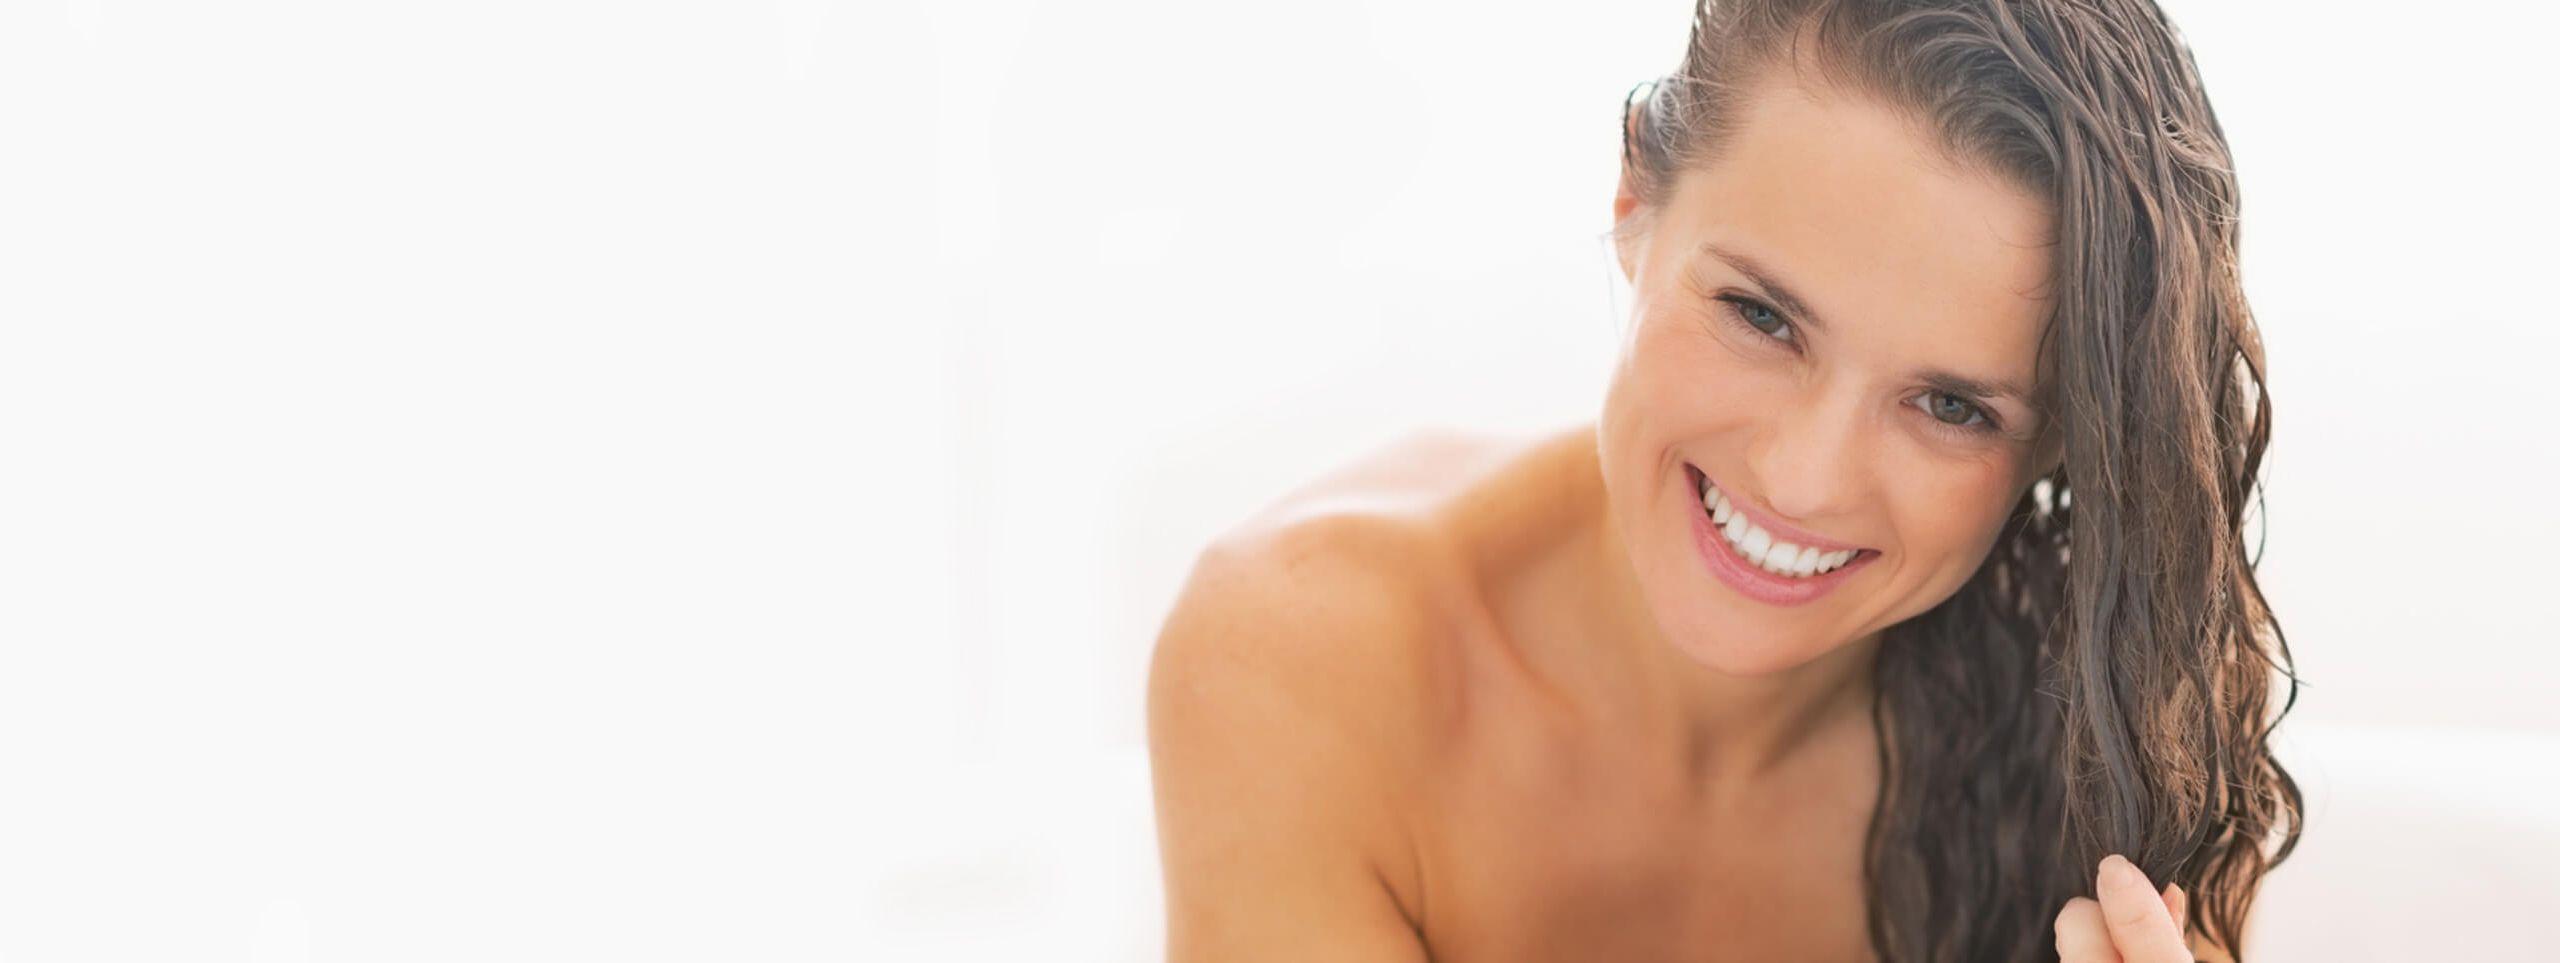 Femme brune dans son bain